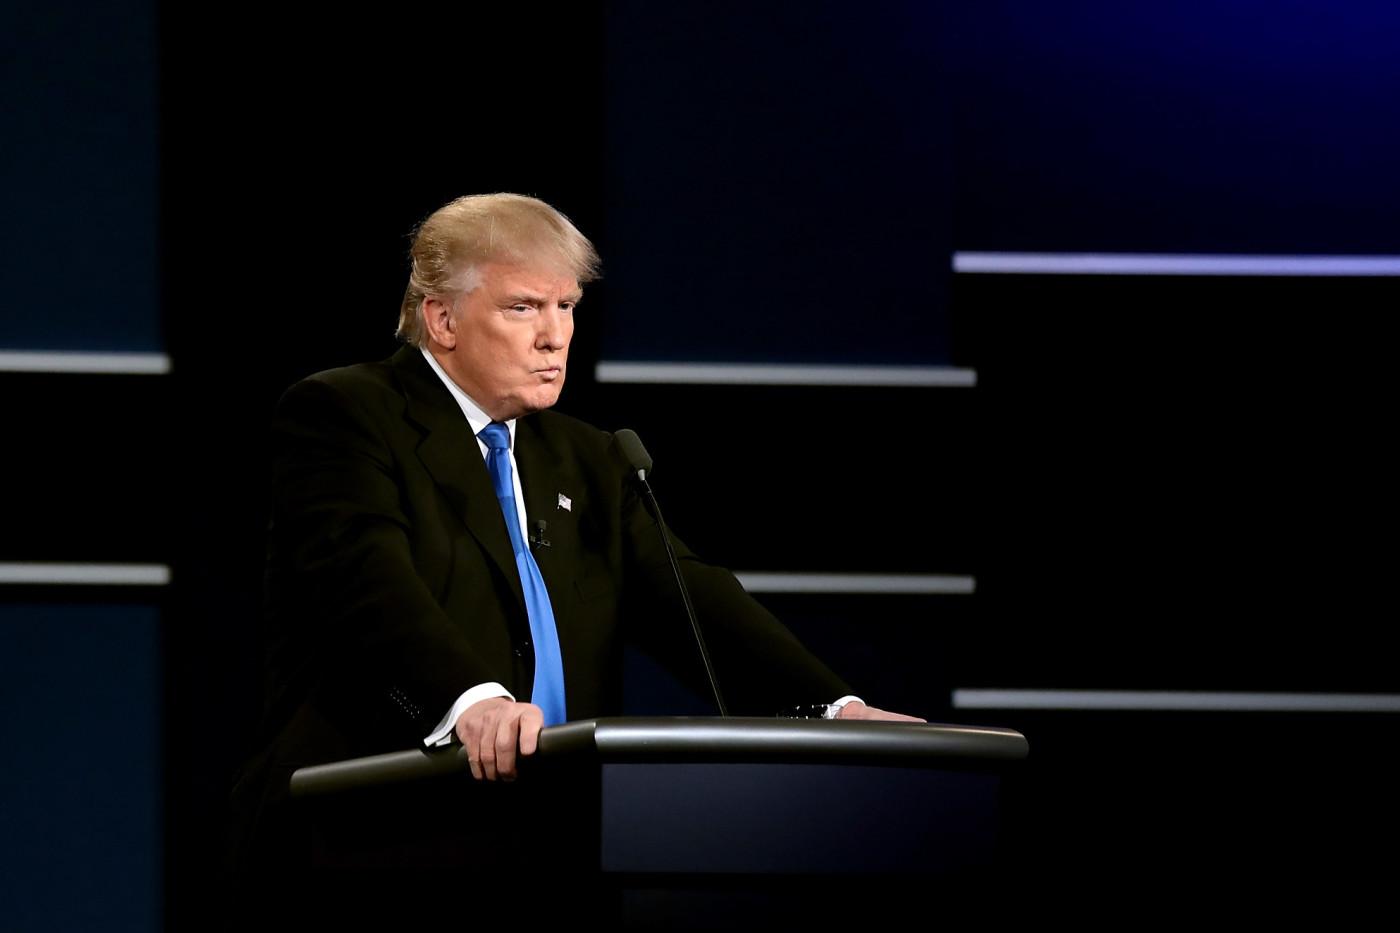 Donald Trump at Debate